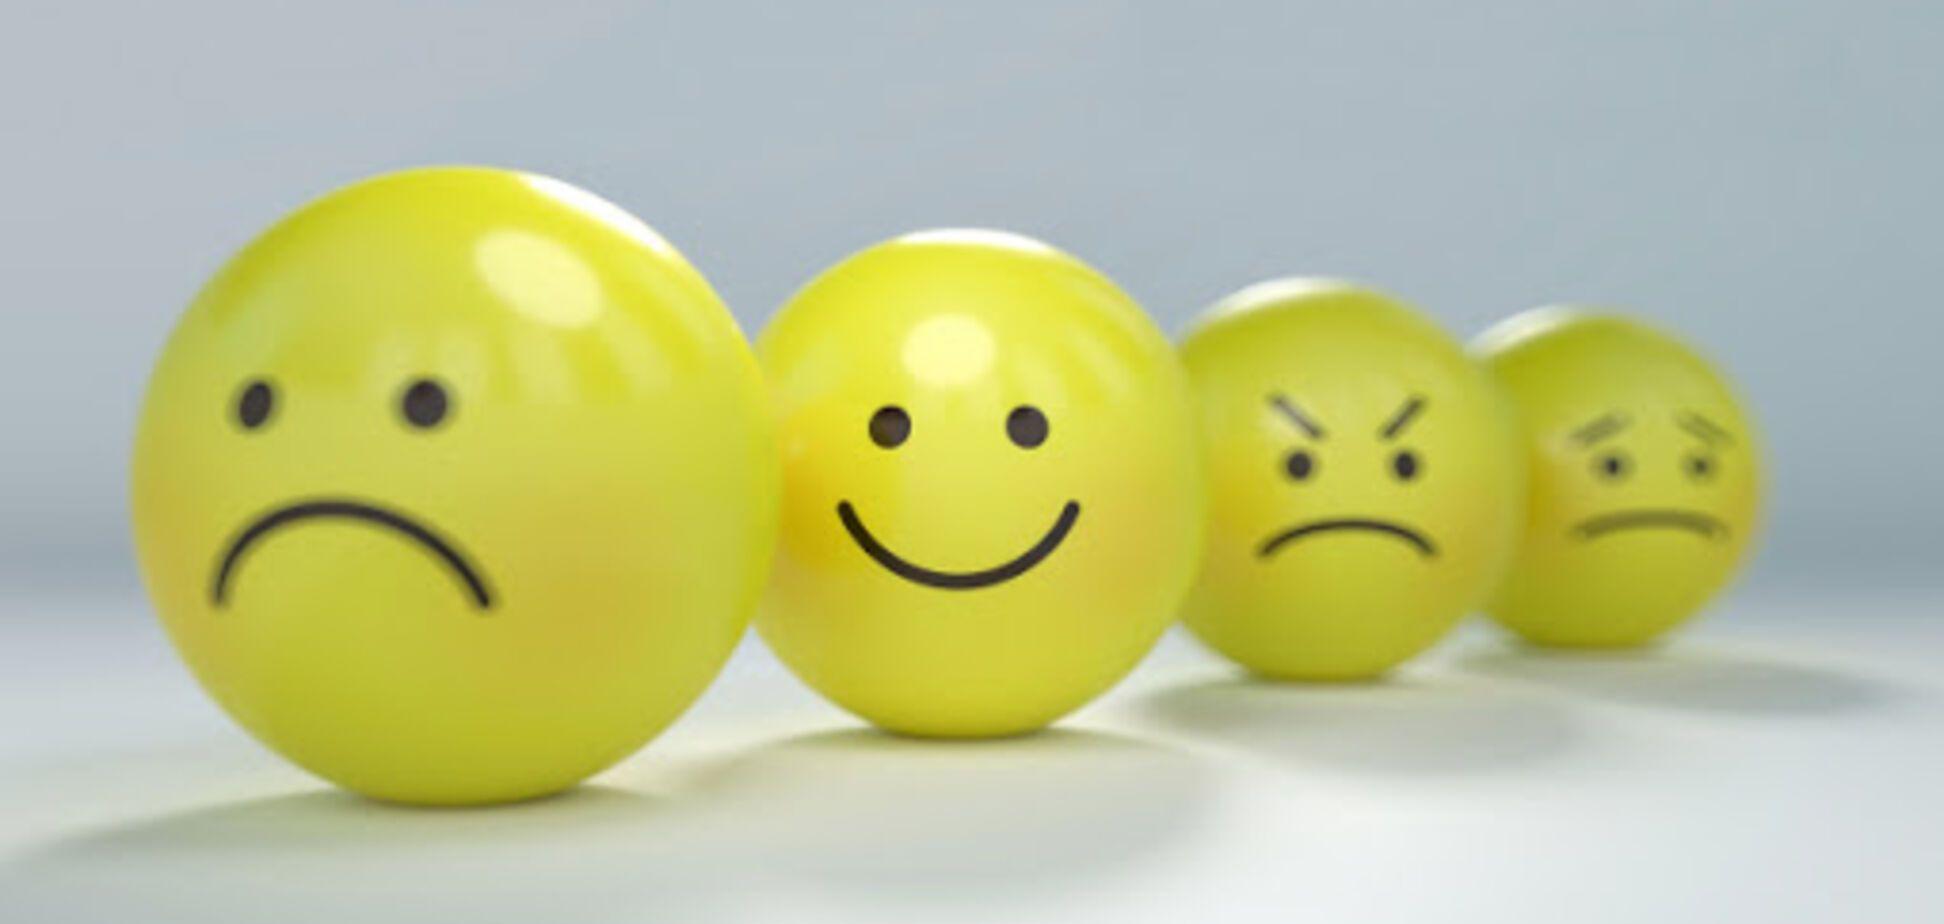 'Хорошие' и 'плохие' эмоции: как научиться их проживать с пользой для себя